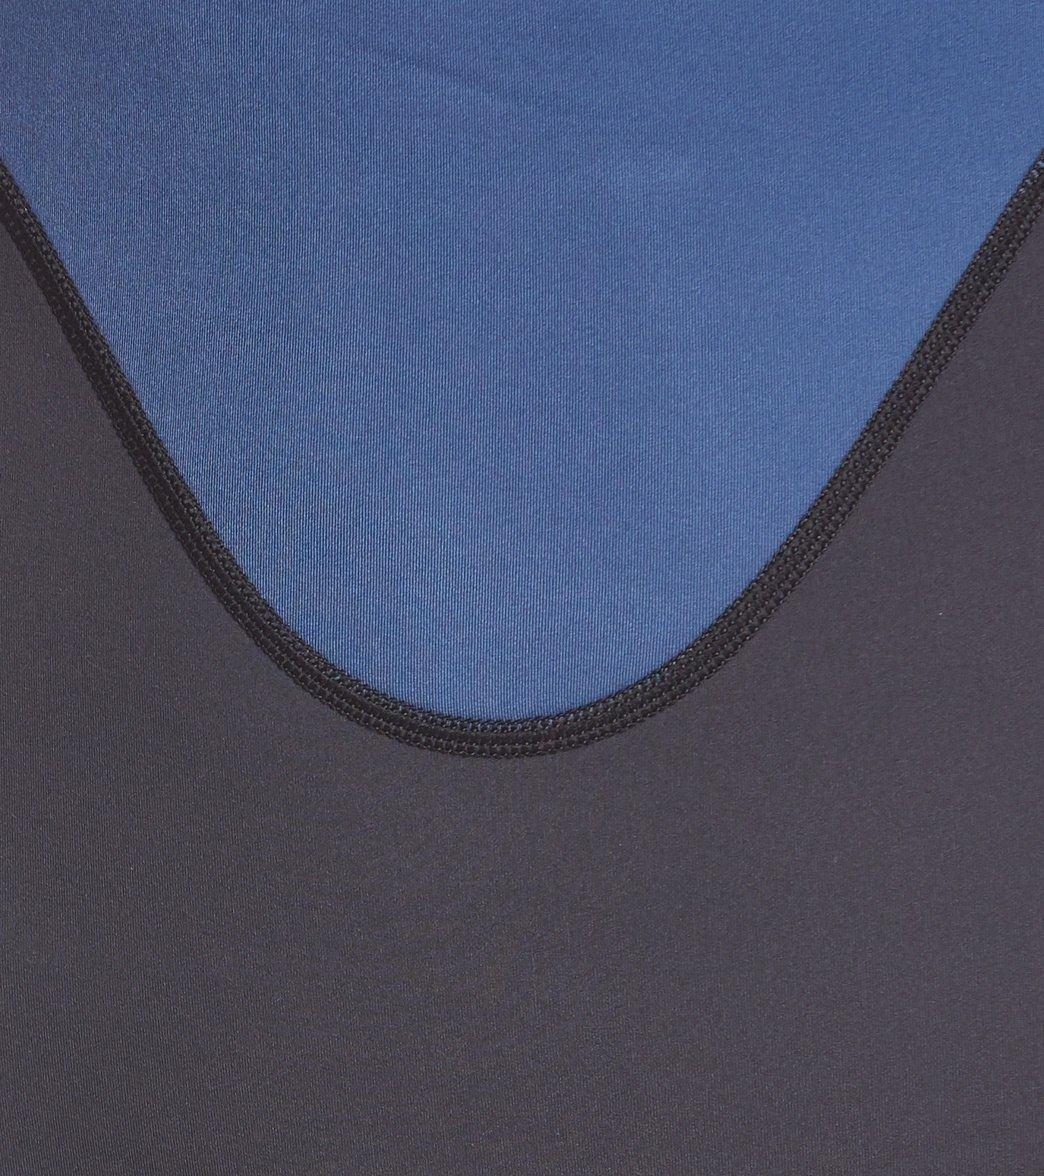 289a9ac450 Billabong Women s 1mmSleeveless Springsuit at SwimOutlet.com - Free ...